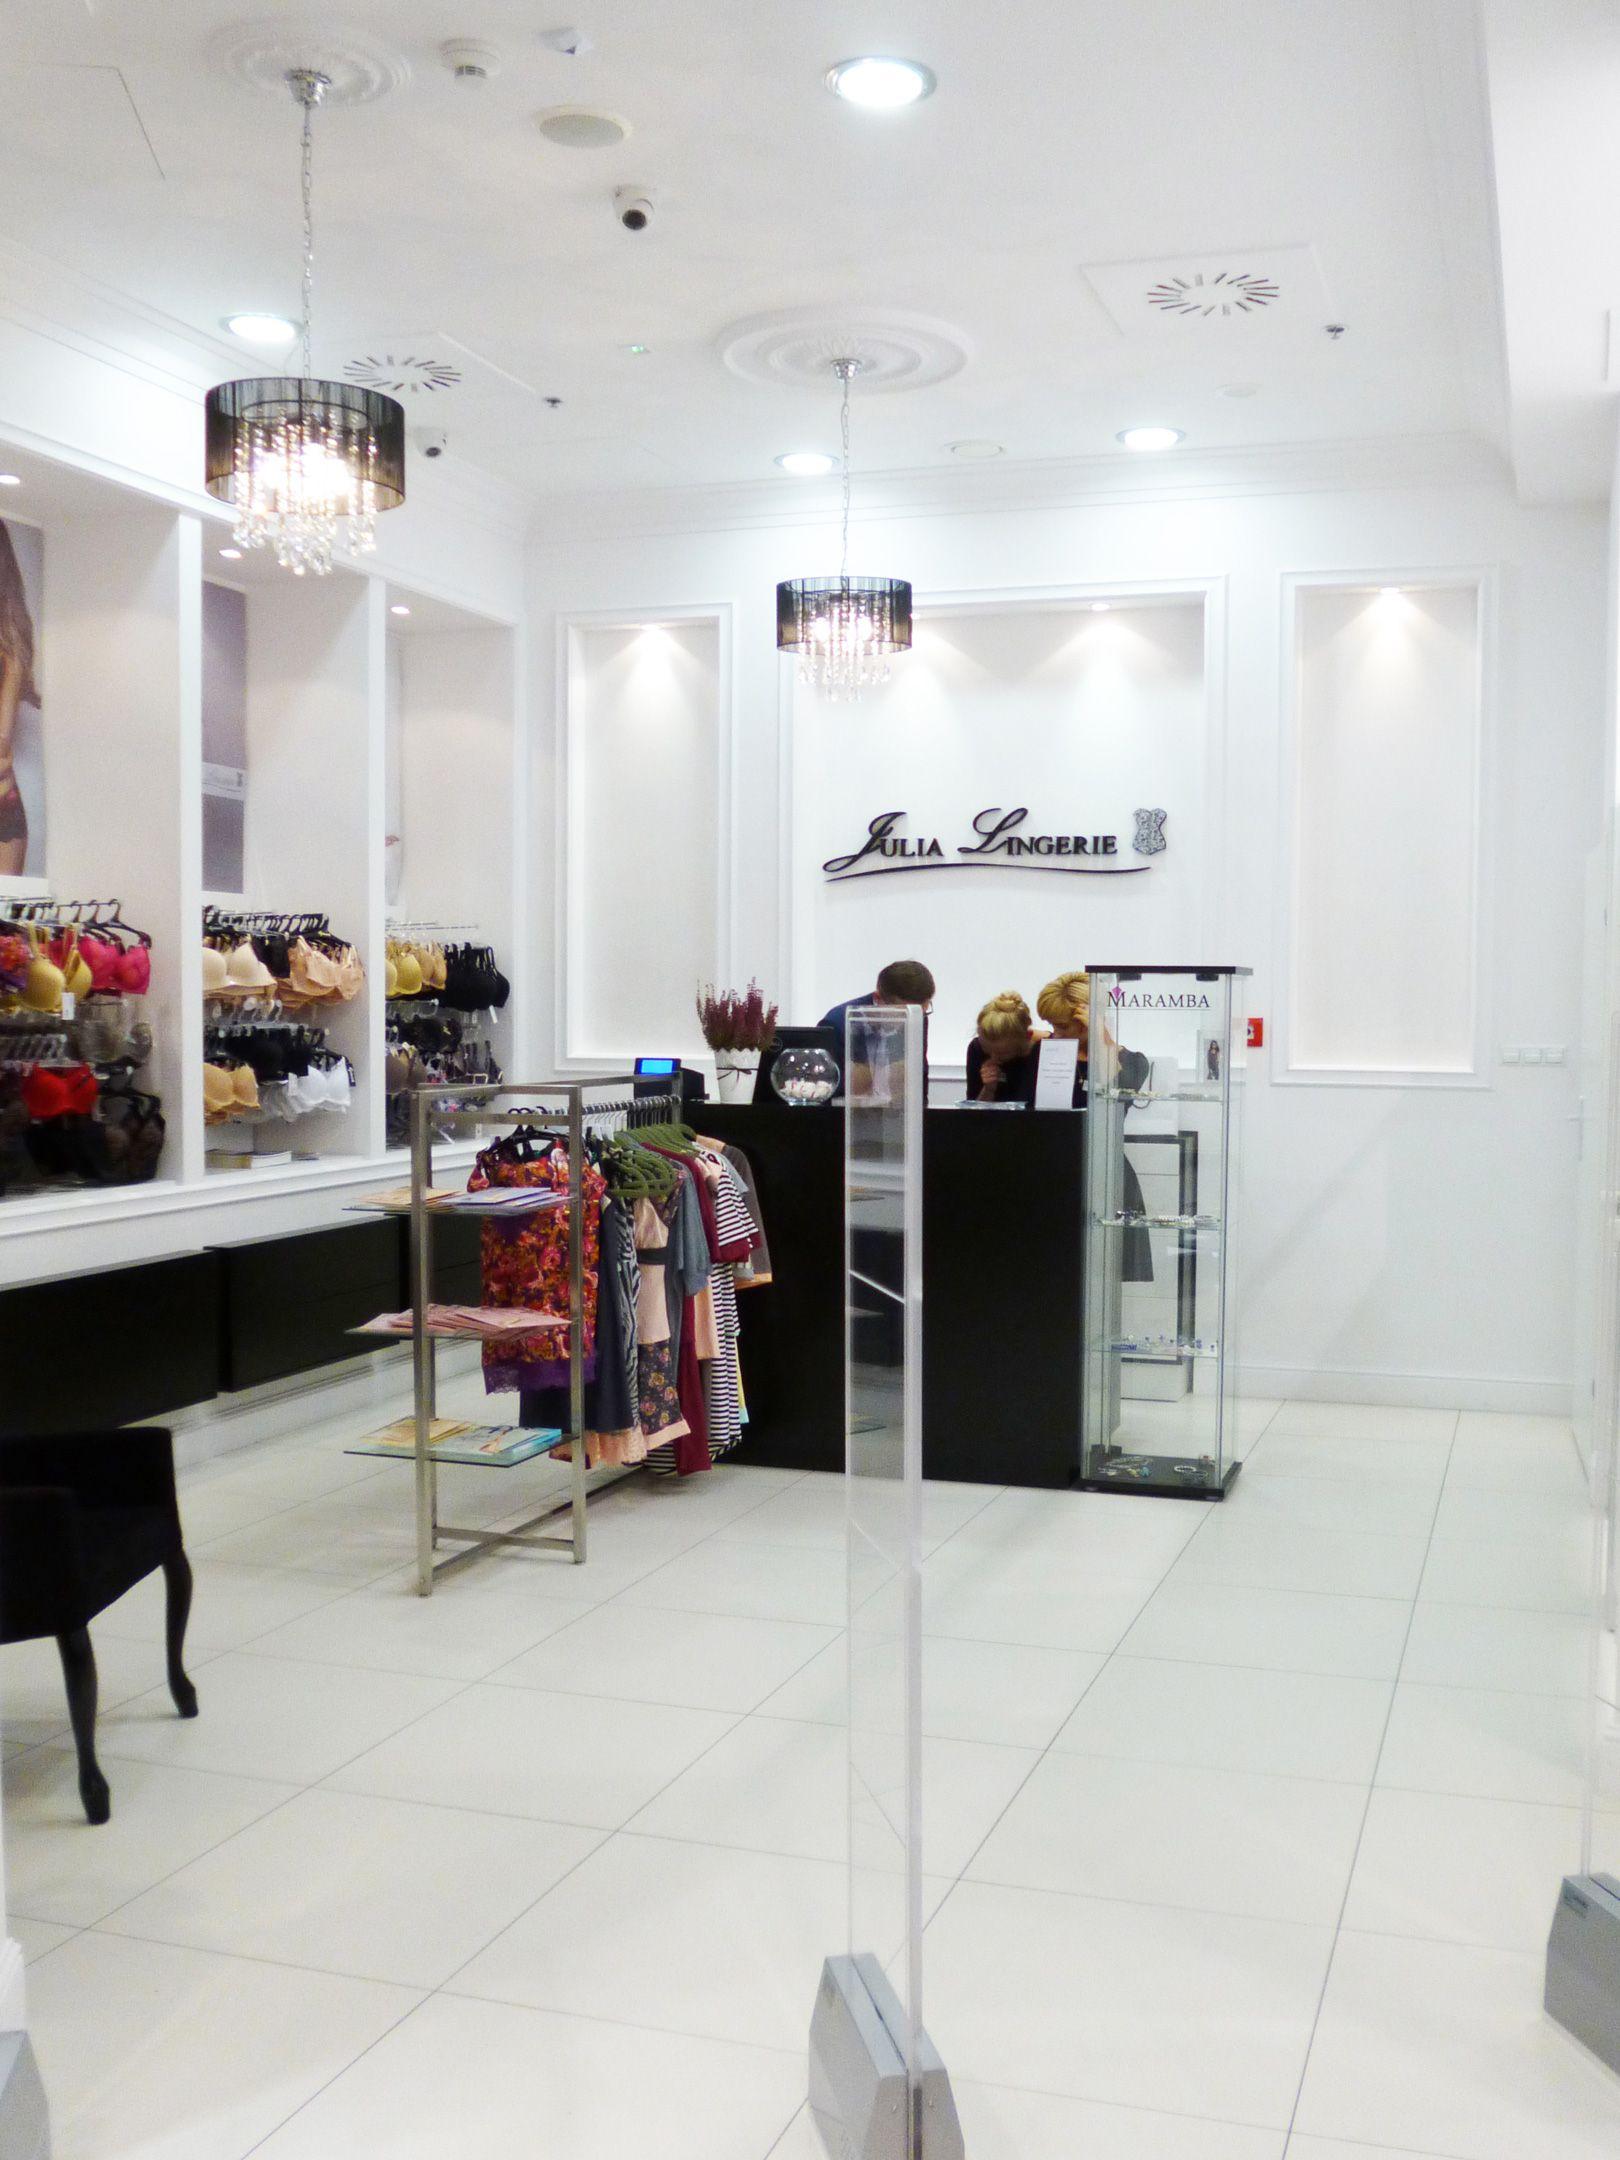 Wyposazenie sklepu z bielizną Julia Lingerie / Shop equipment ...